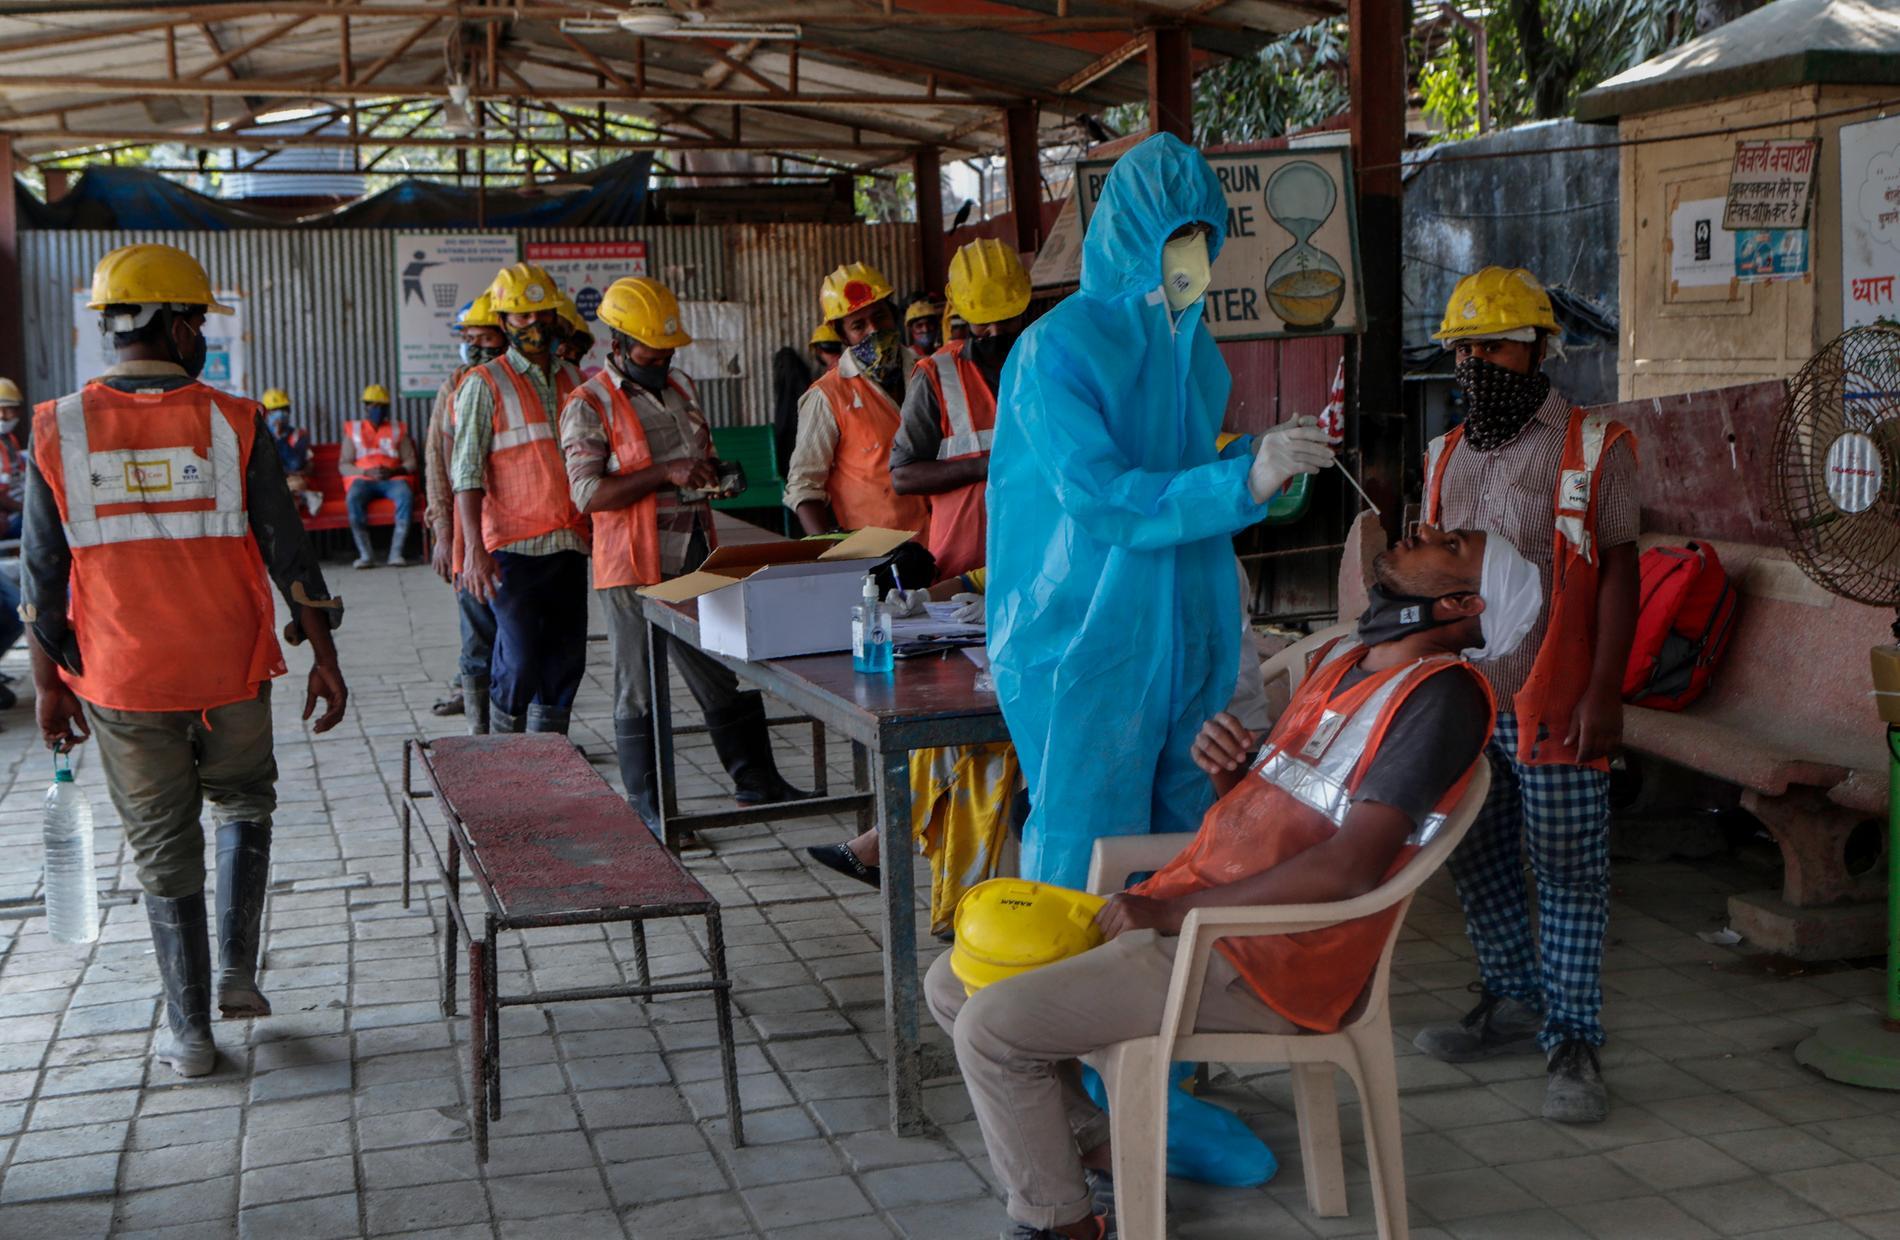 Järnvägsarbetare i Mumbai testas för Covid-19. Landet har hittills över 11 miljoner konstaterade fall av covid-19 – näst flest i världen efter USA.